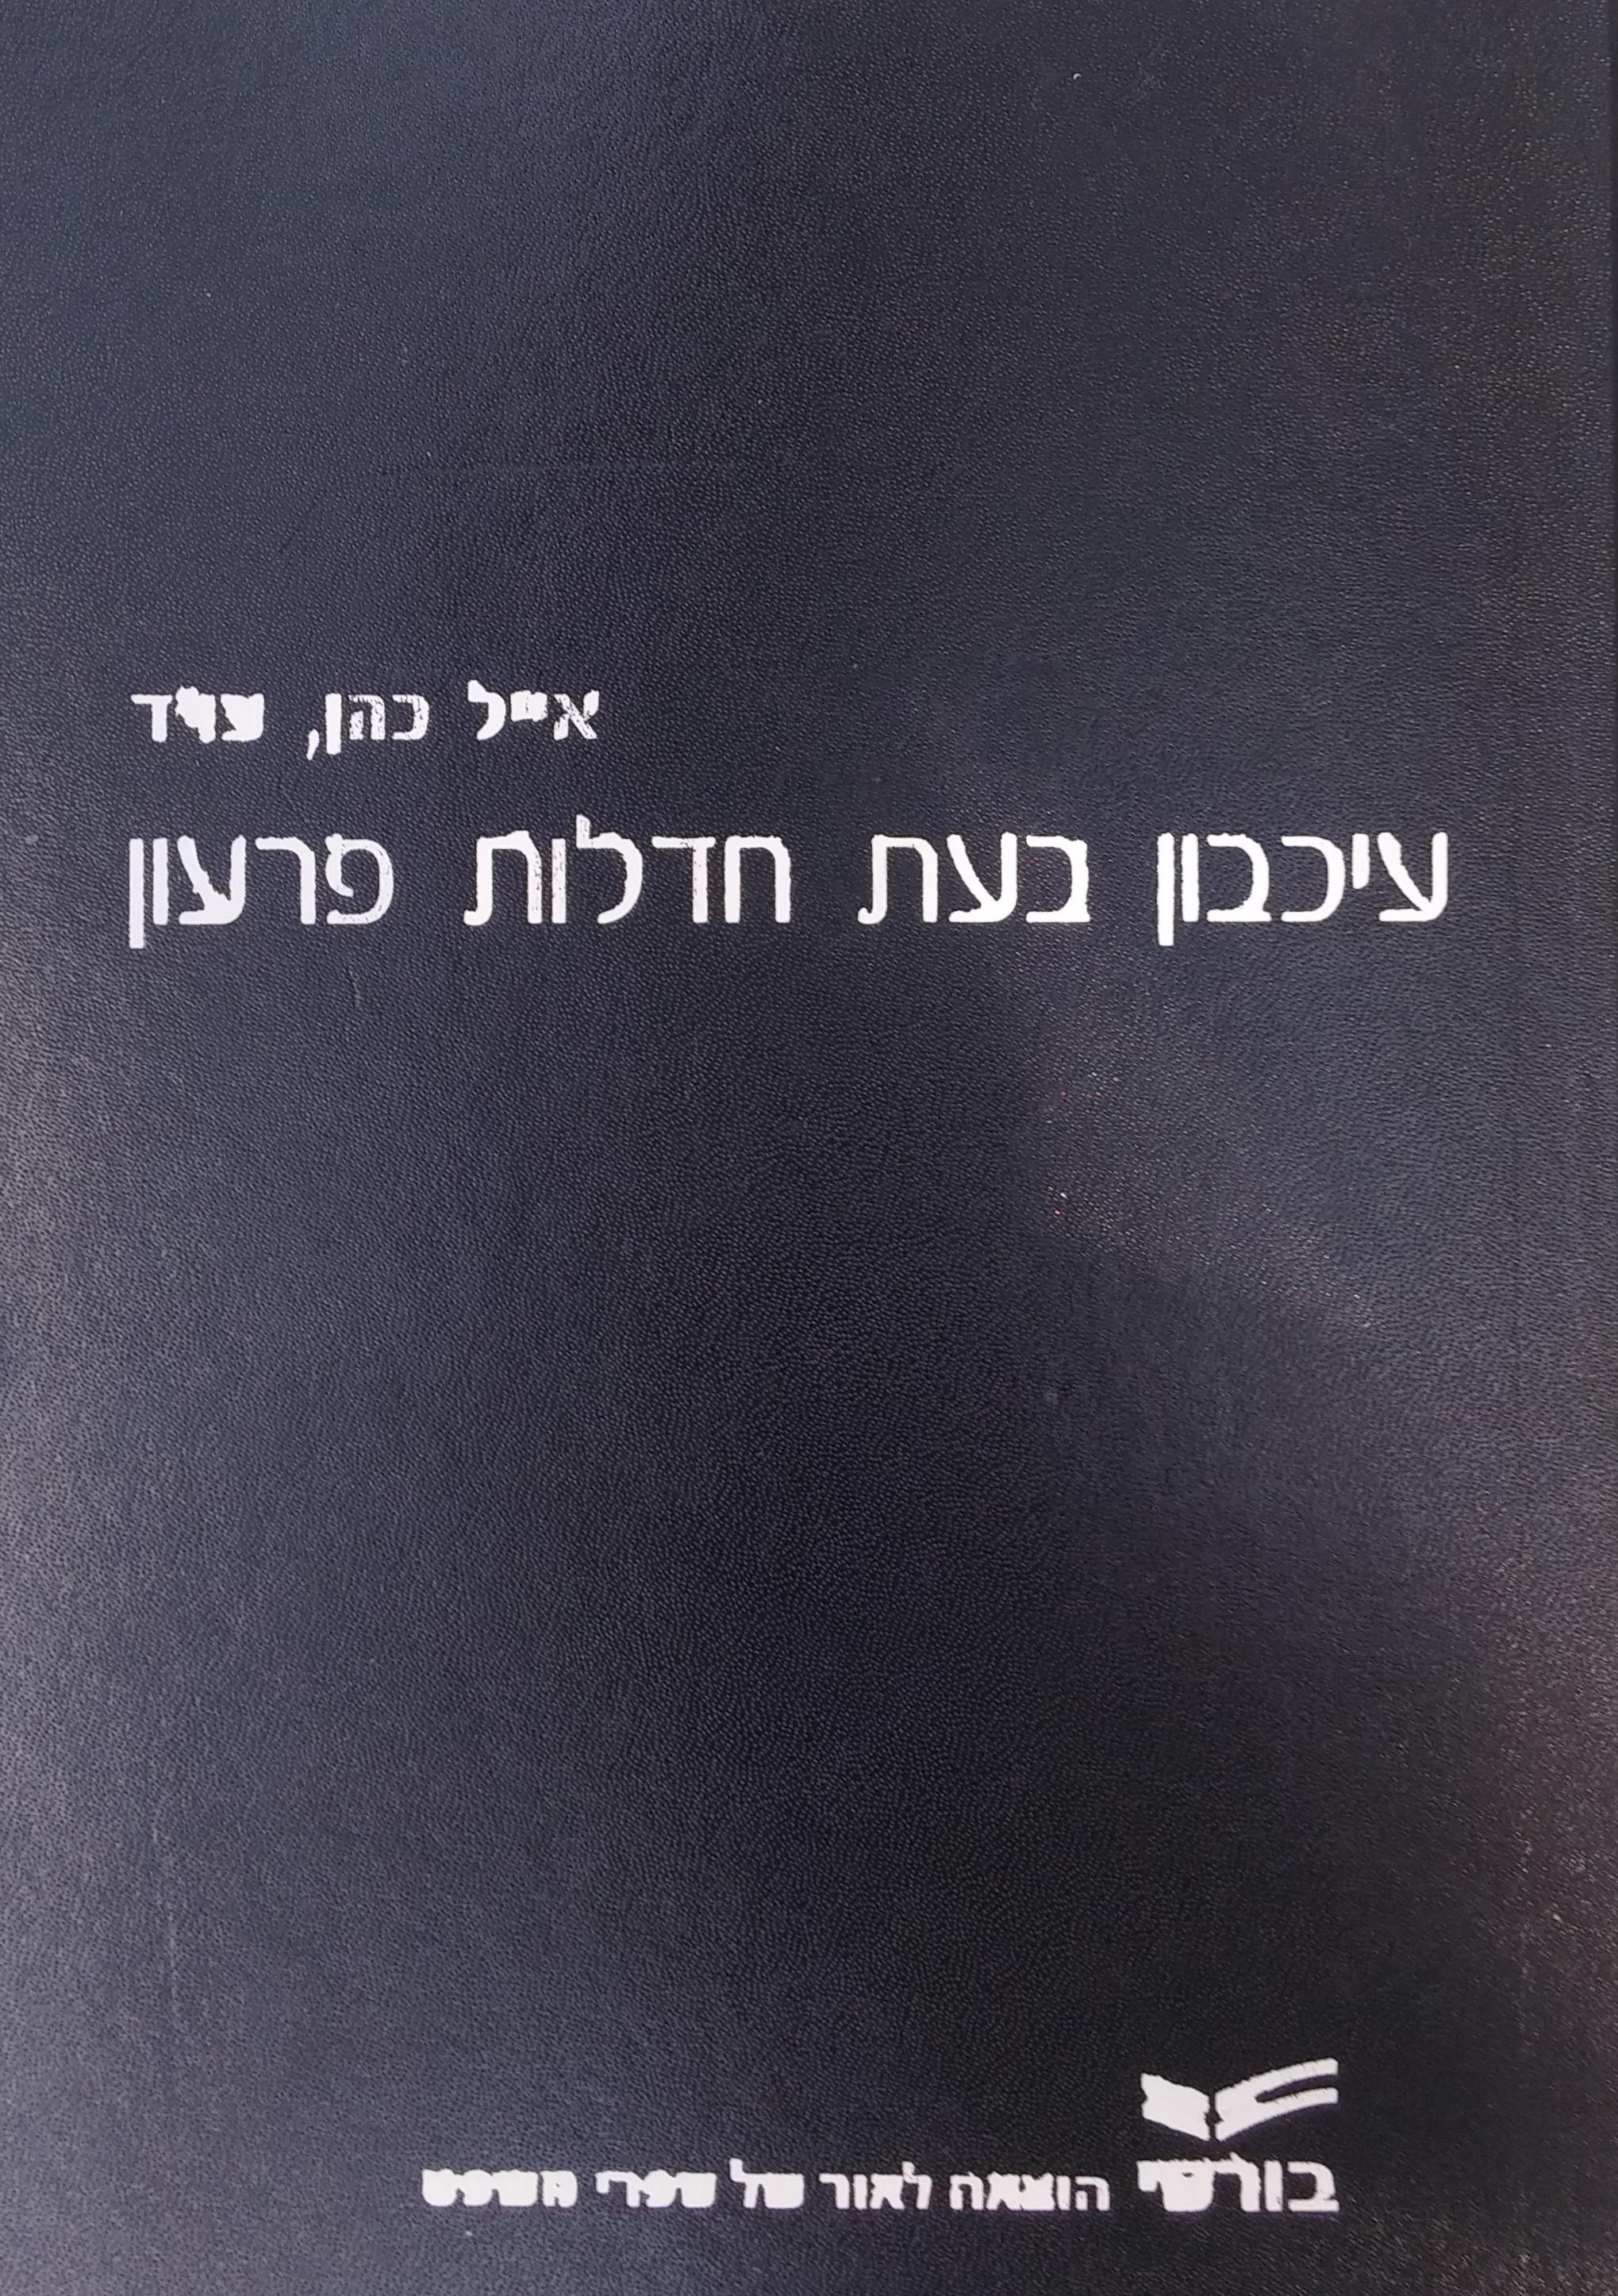 אייל כהן - עיכבון